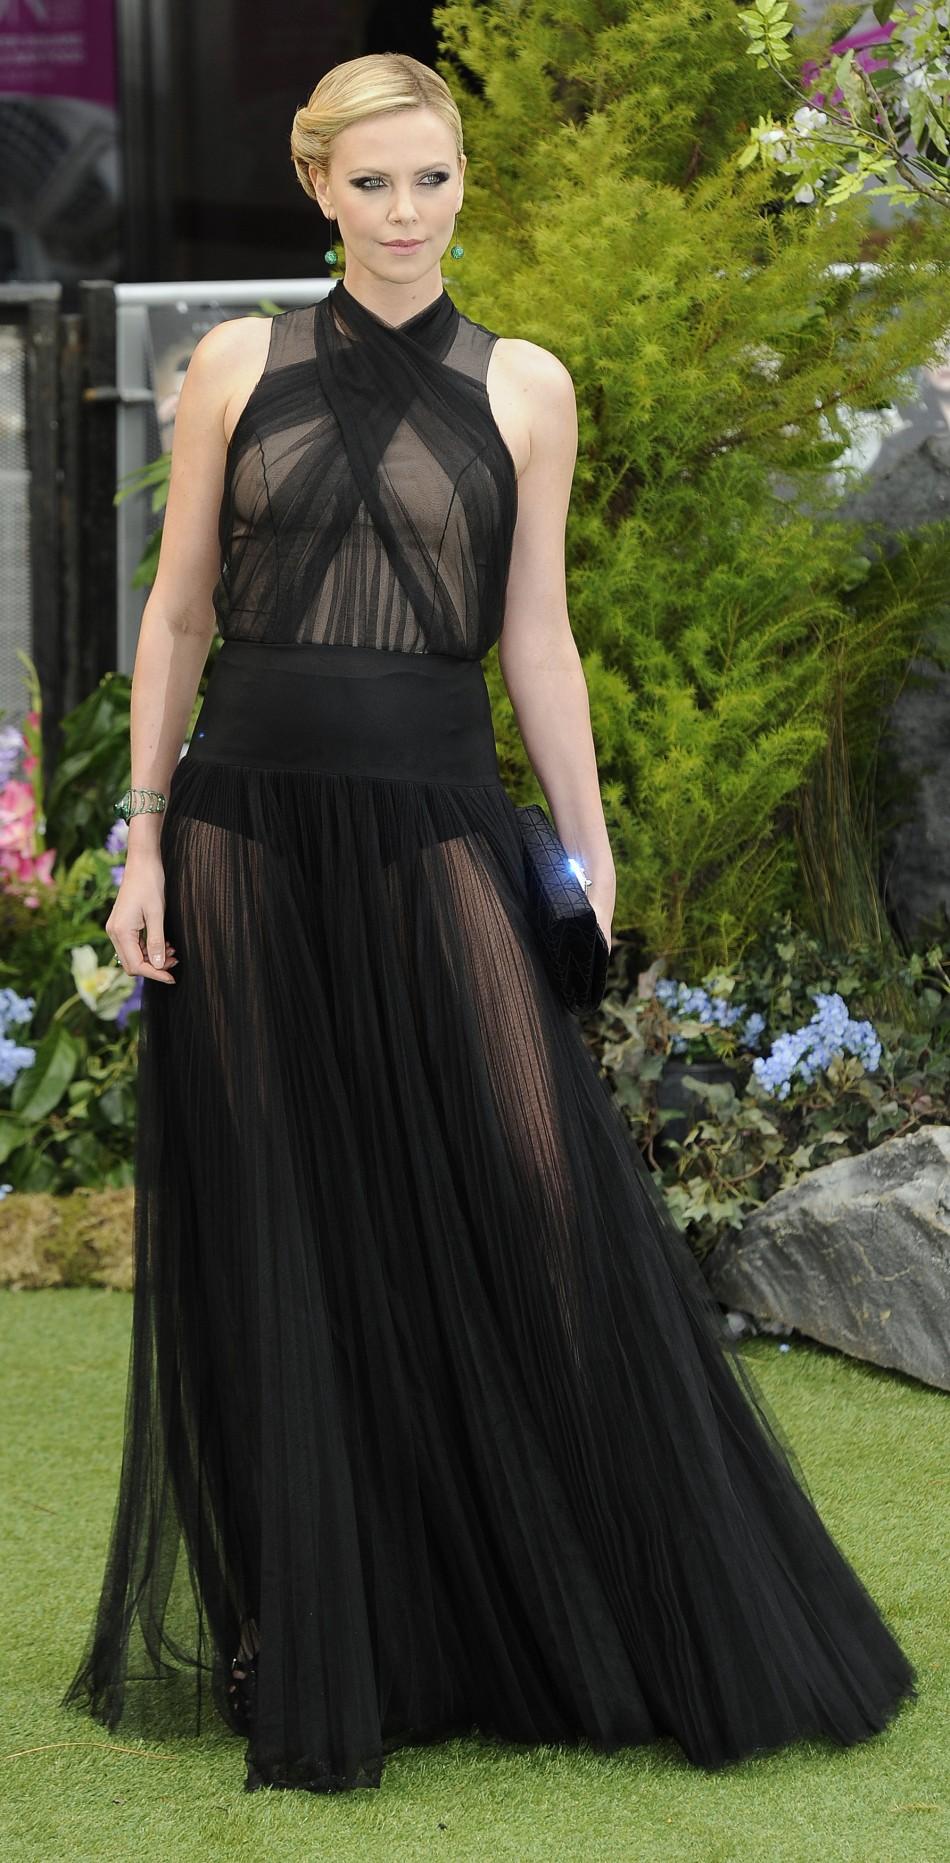 Victorias Secret Sexiest List of 2012